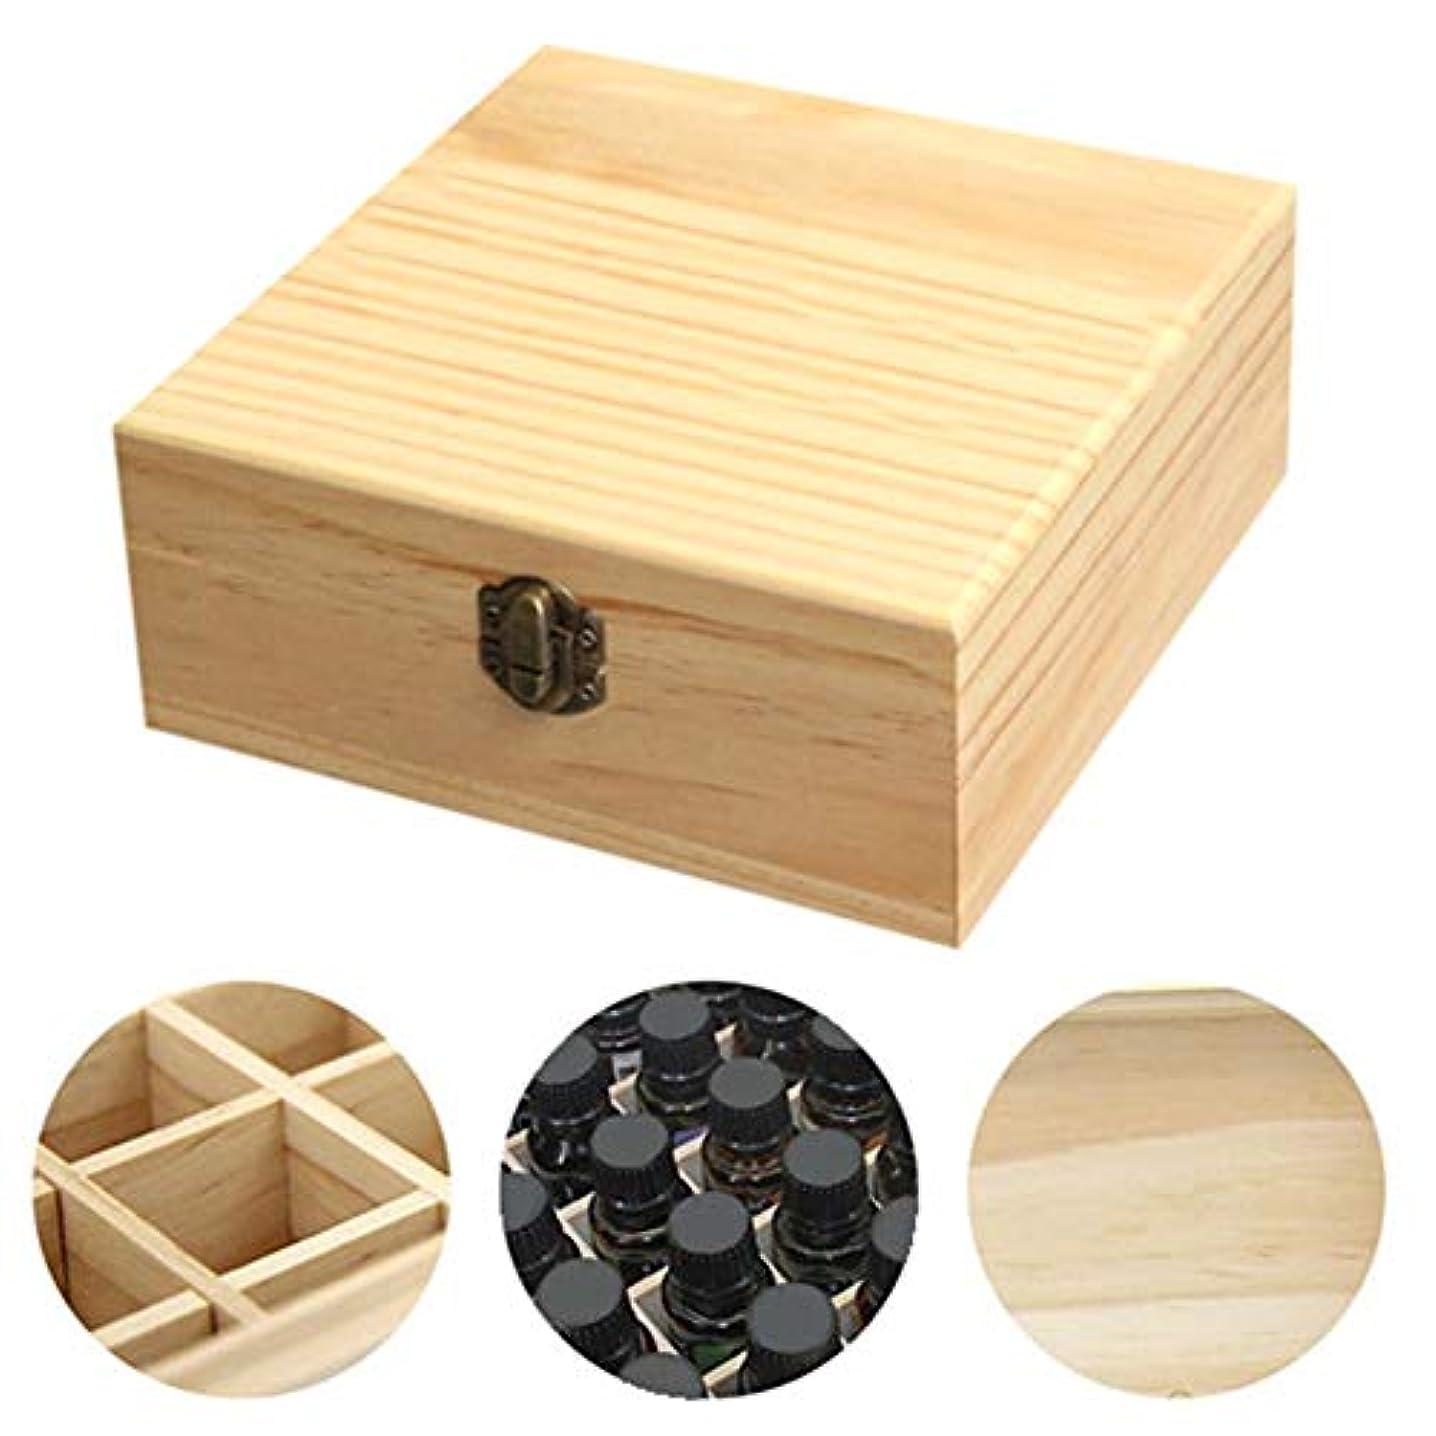 すきアンカー微生物clouday エッセンシャルオイル収納ボックス 自然木製 エッセンシャルオイルオイル 収納 ボックス 香水収納ケース アロマオイル収納ボックス 25本用 approving